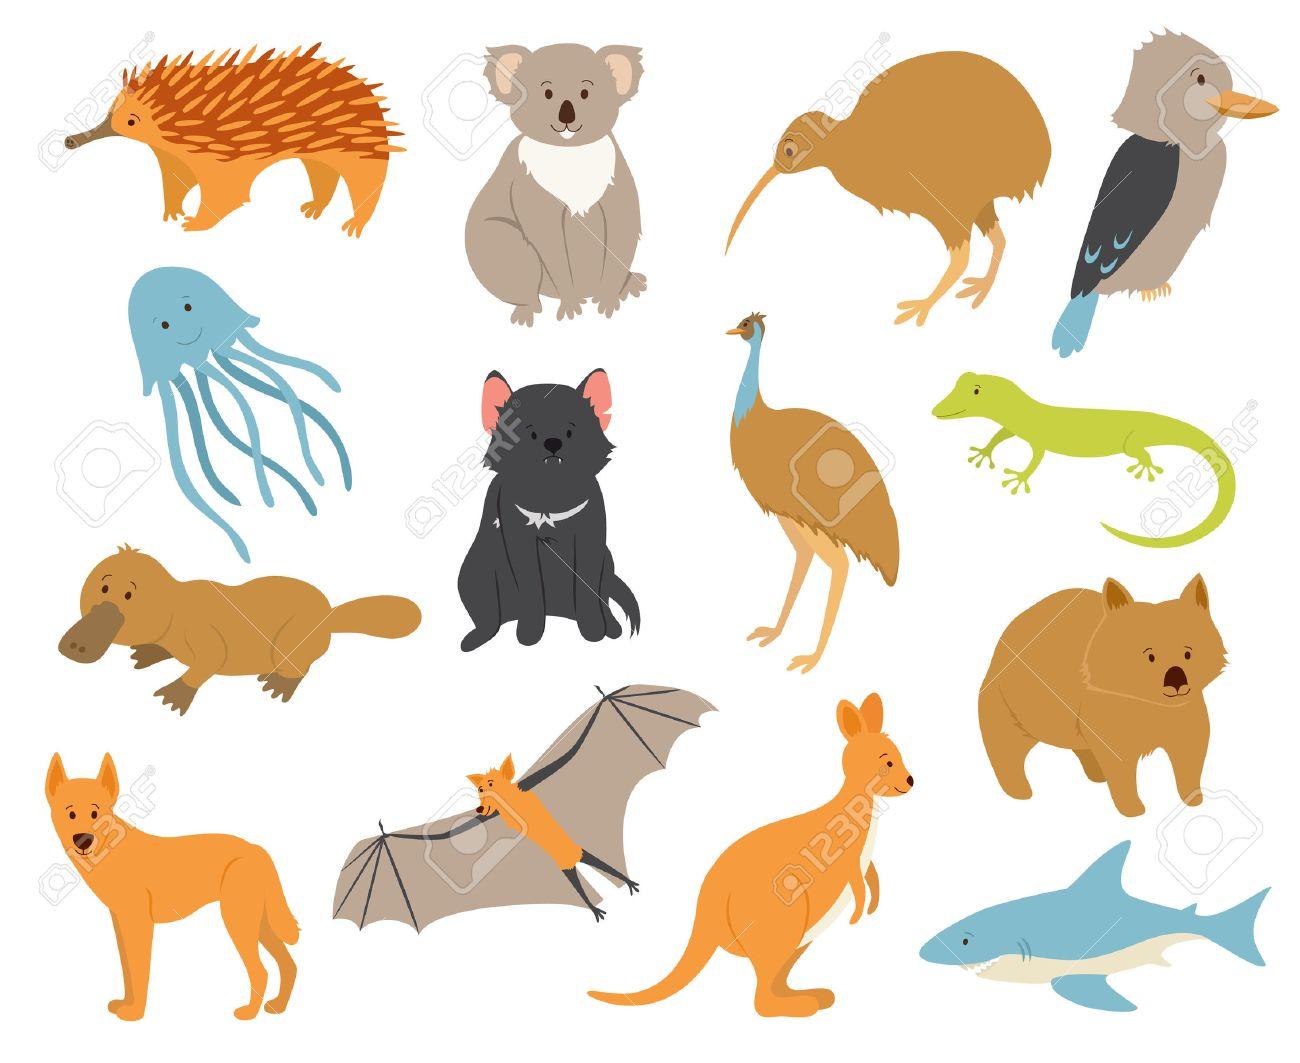 オーストラリアの動物を設定します。漫画のキャラクター。オーストラリア